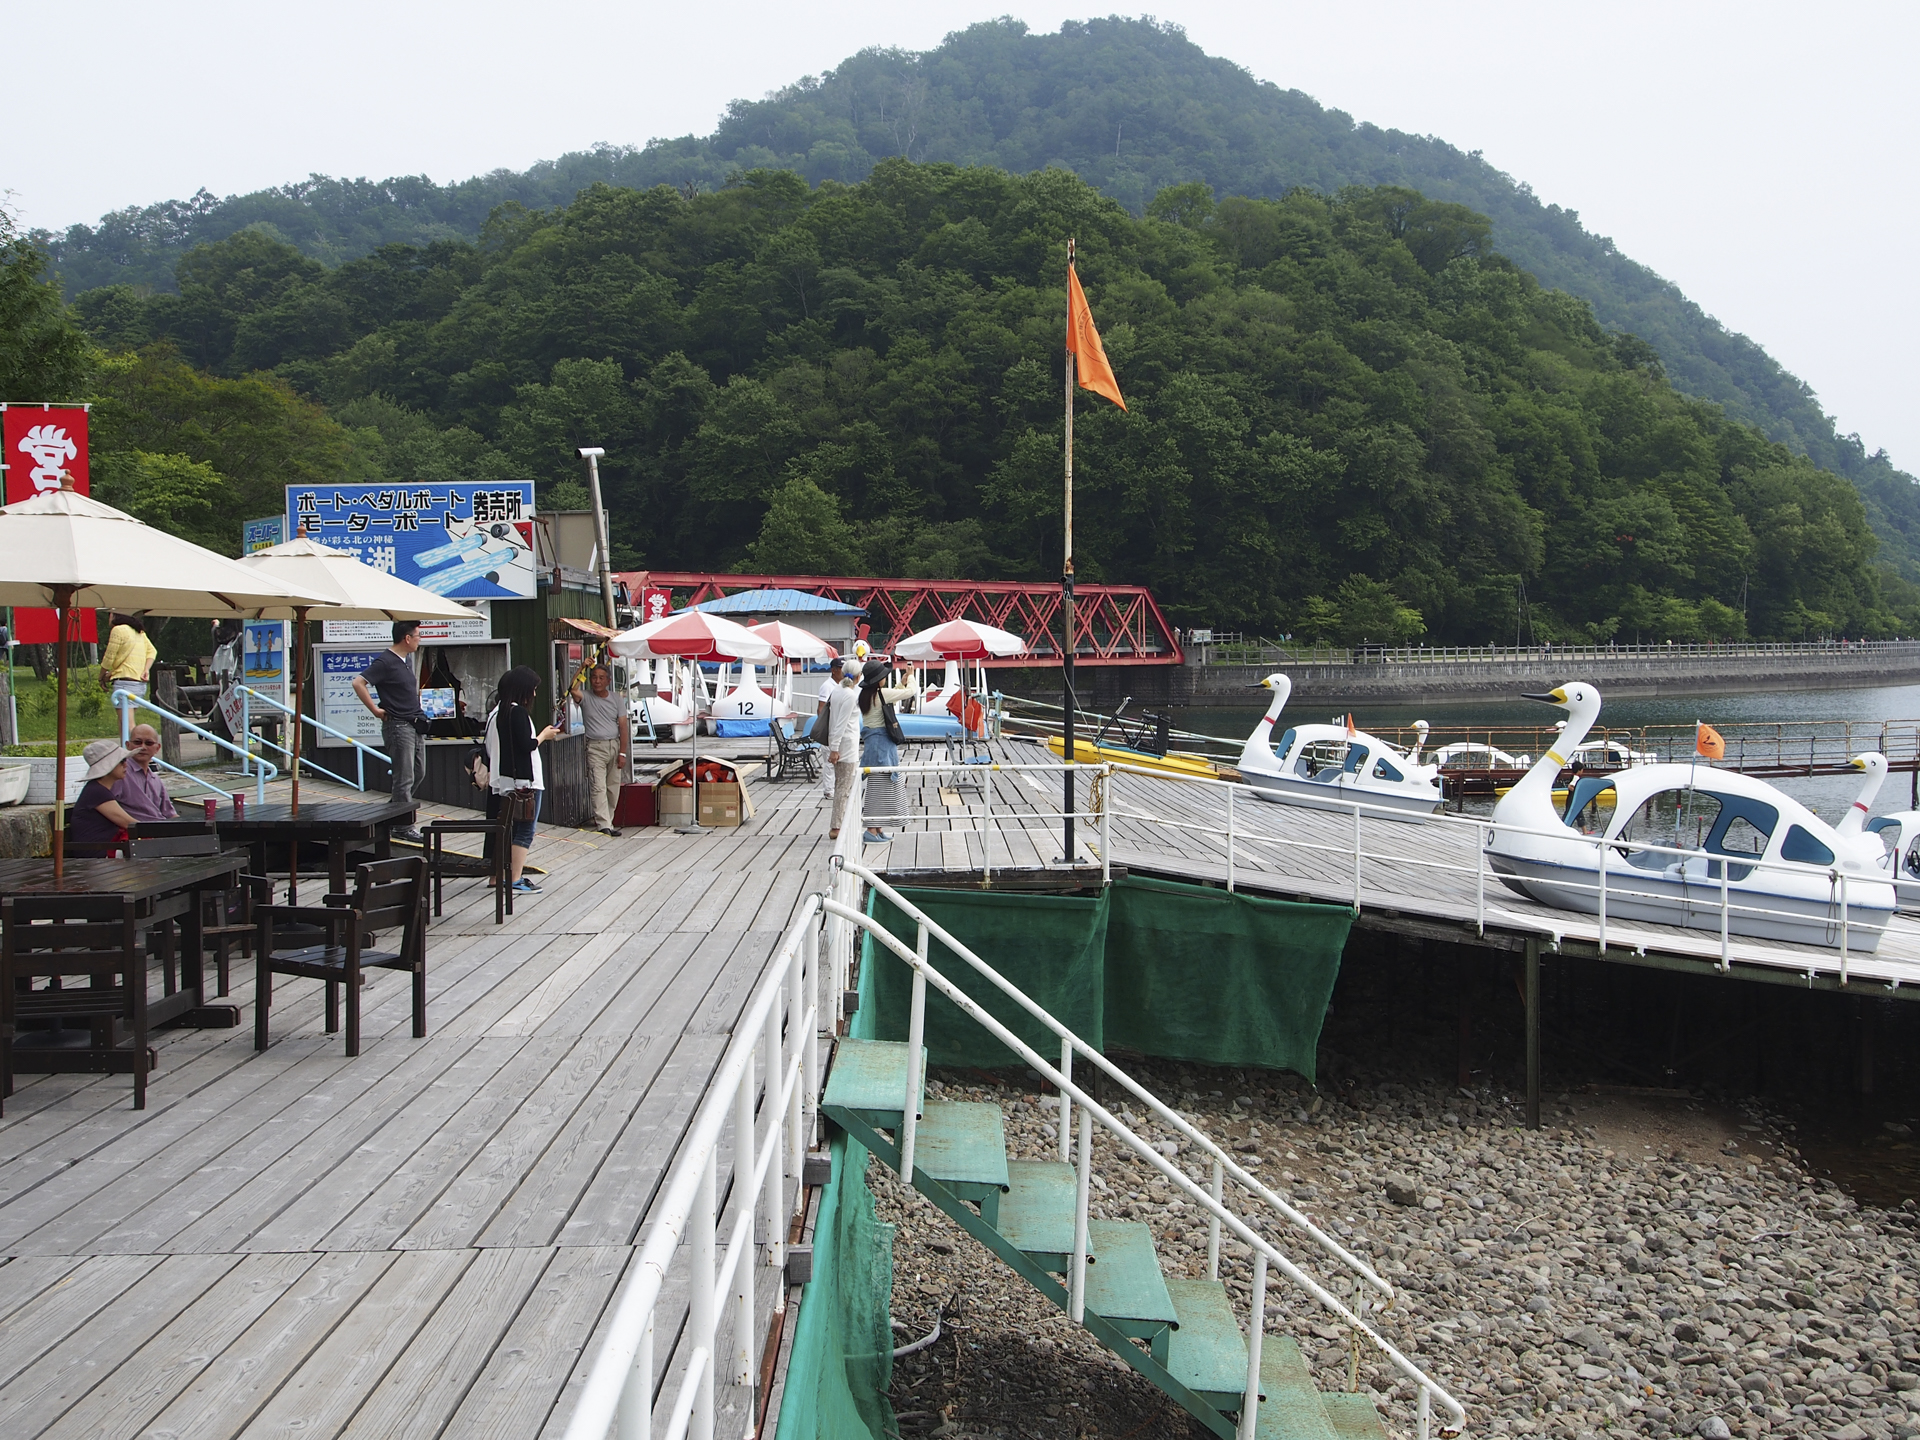 遊覧船乗り場の景色